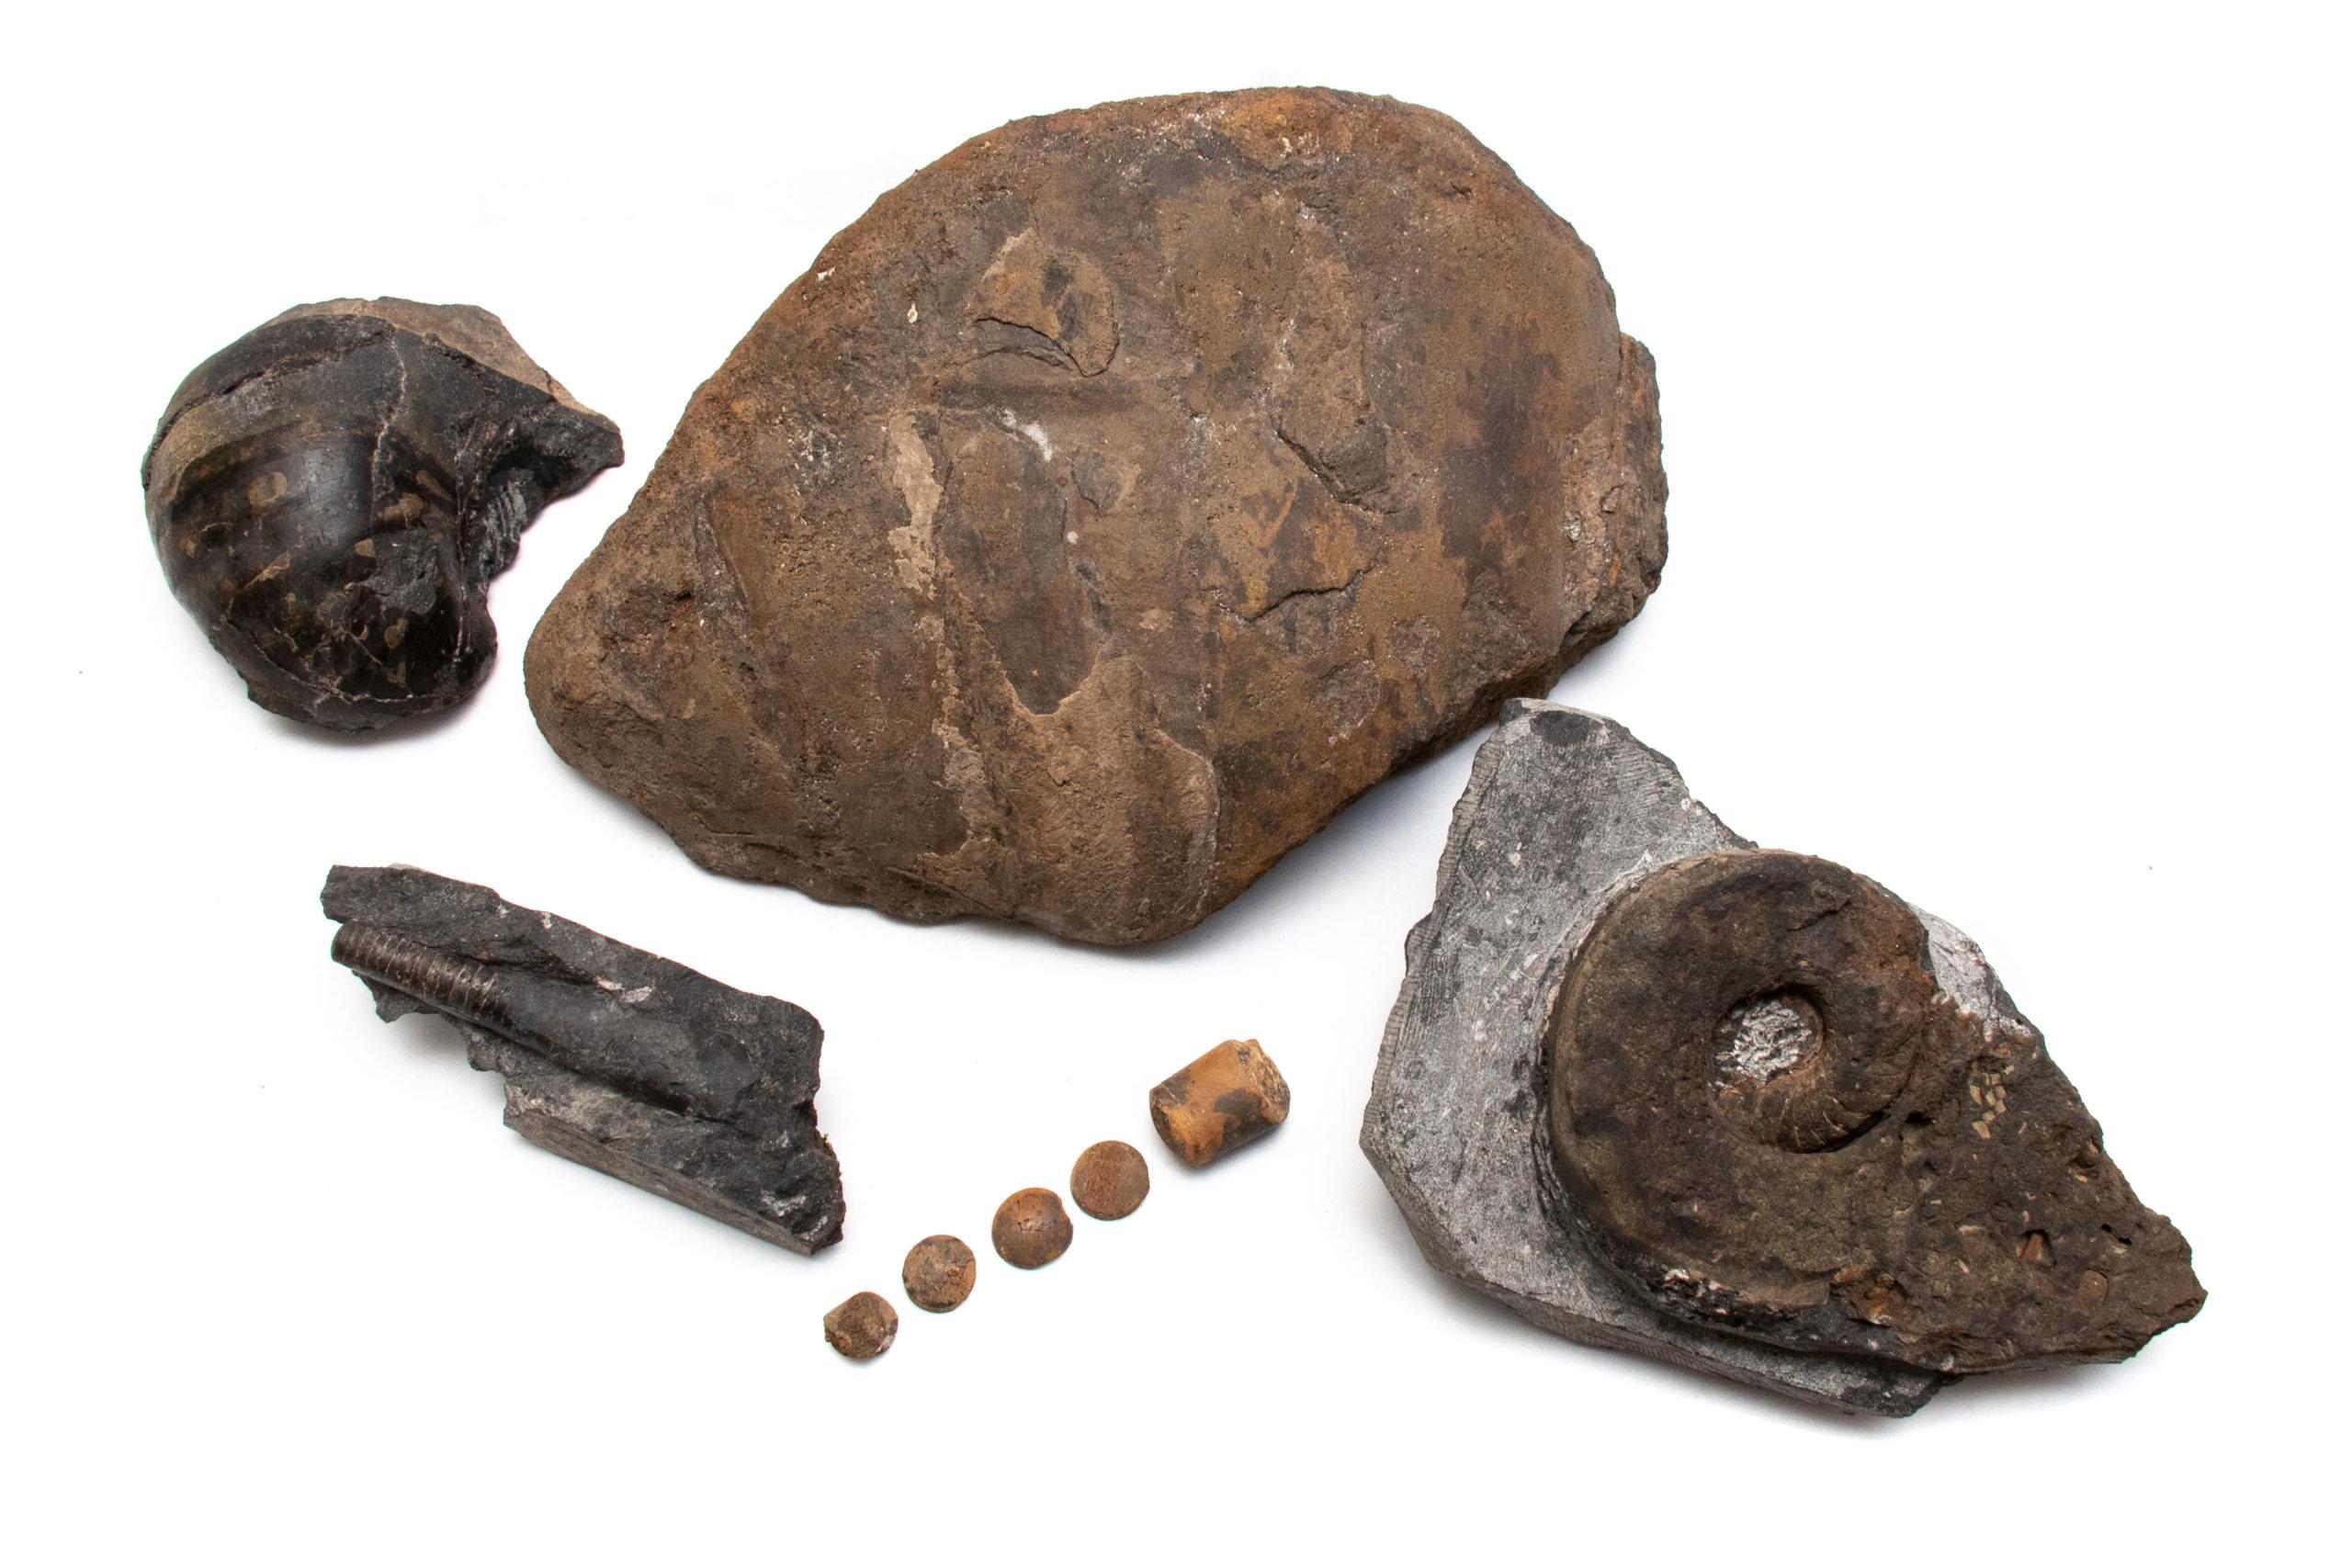 Metacoceras, Solenochilus and Pseudorthoceras, Mooreoceras and Brachycycloceras.